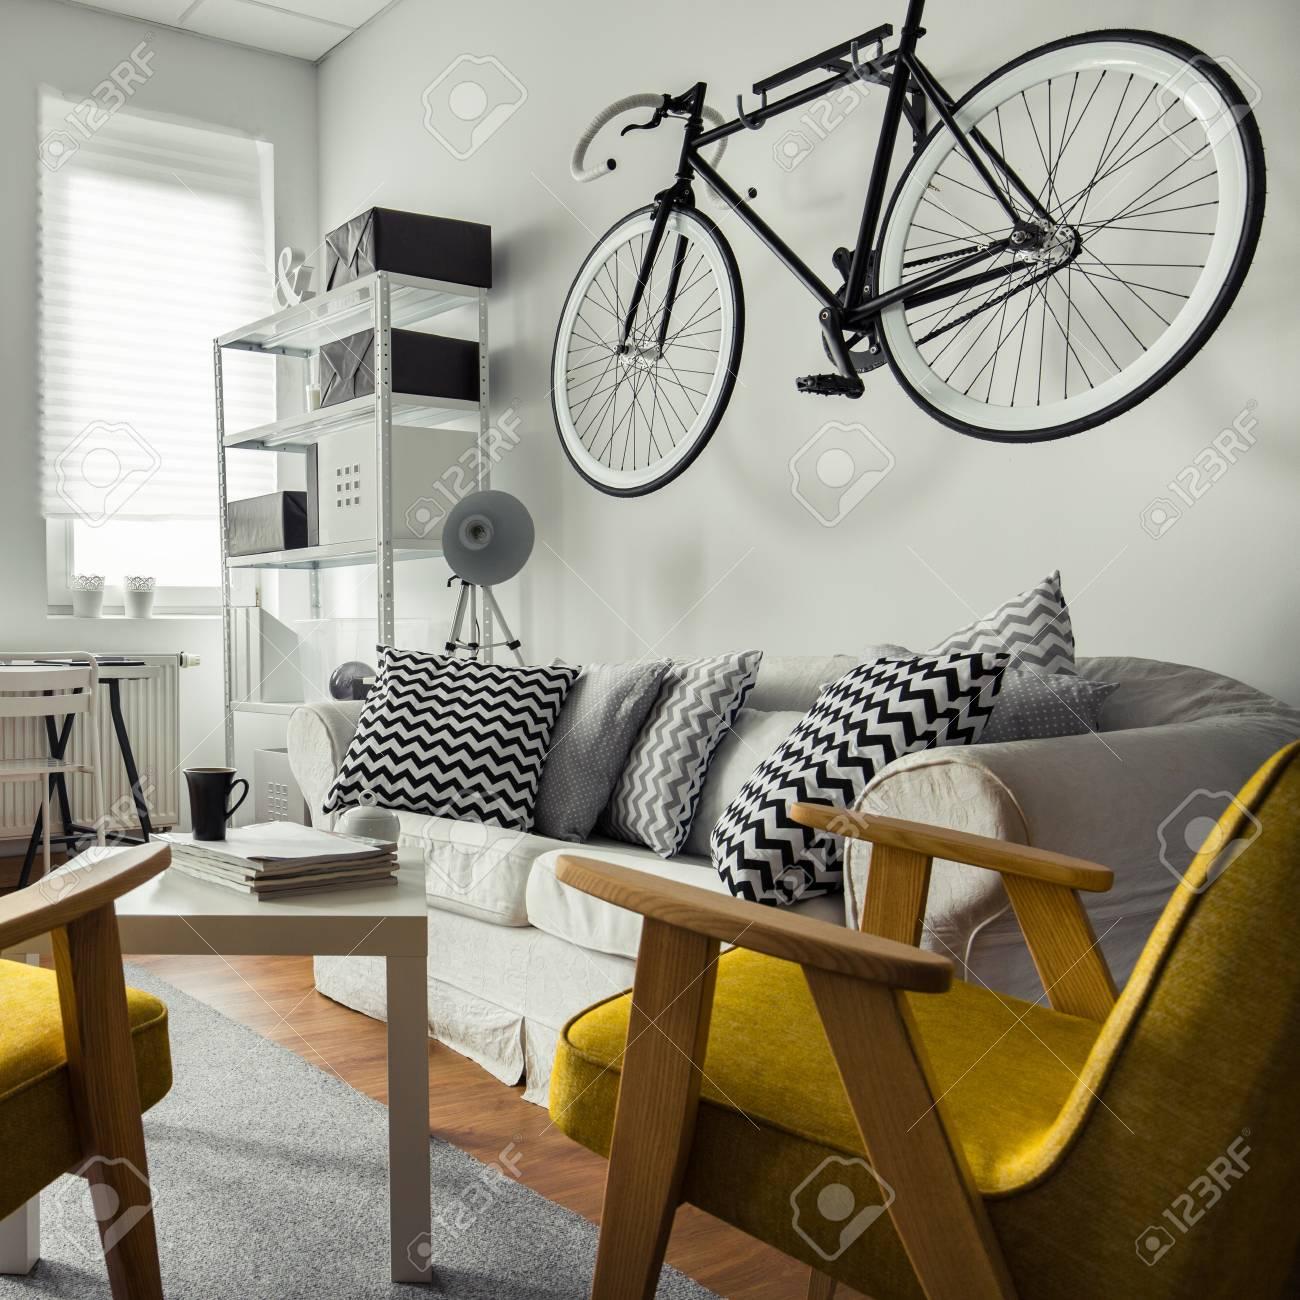 Fahrrad An Der Wand Hangen Im Wohnzimmer Lizenzfreie Fotos Bilder